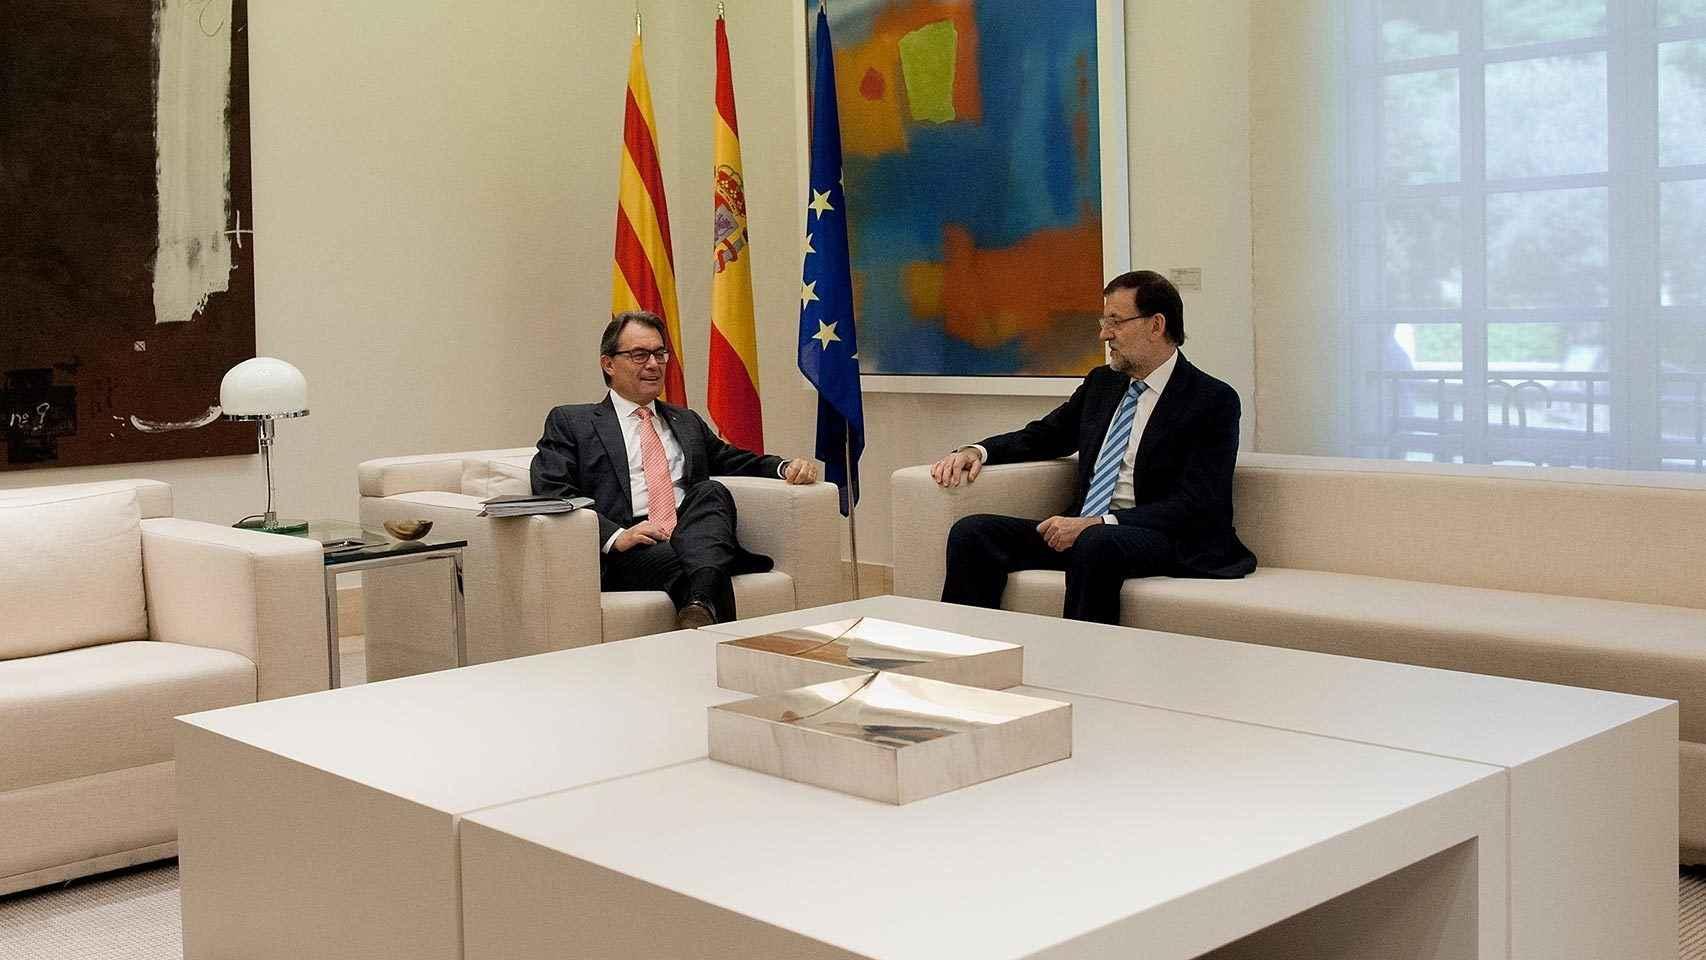 Reunión de Rajoy y Mas en La Moncloa el 30 de julio de 2014